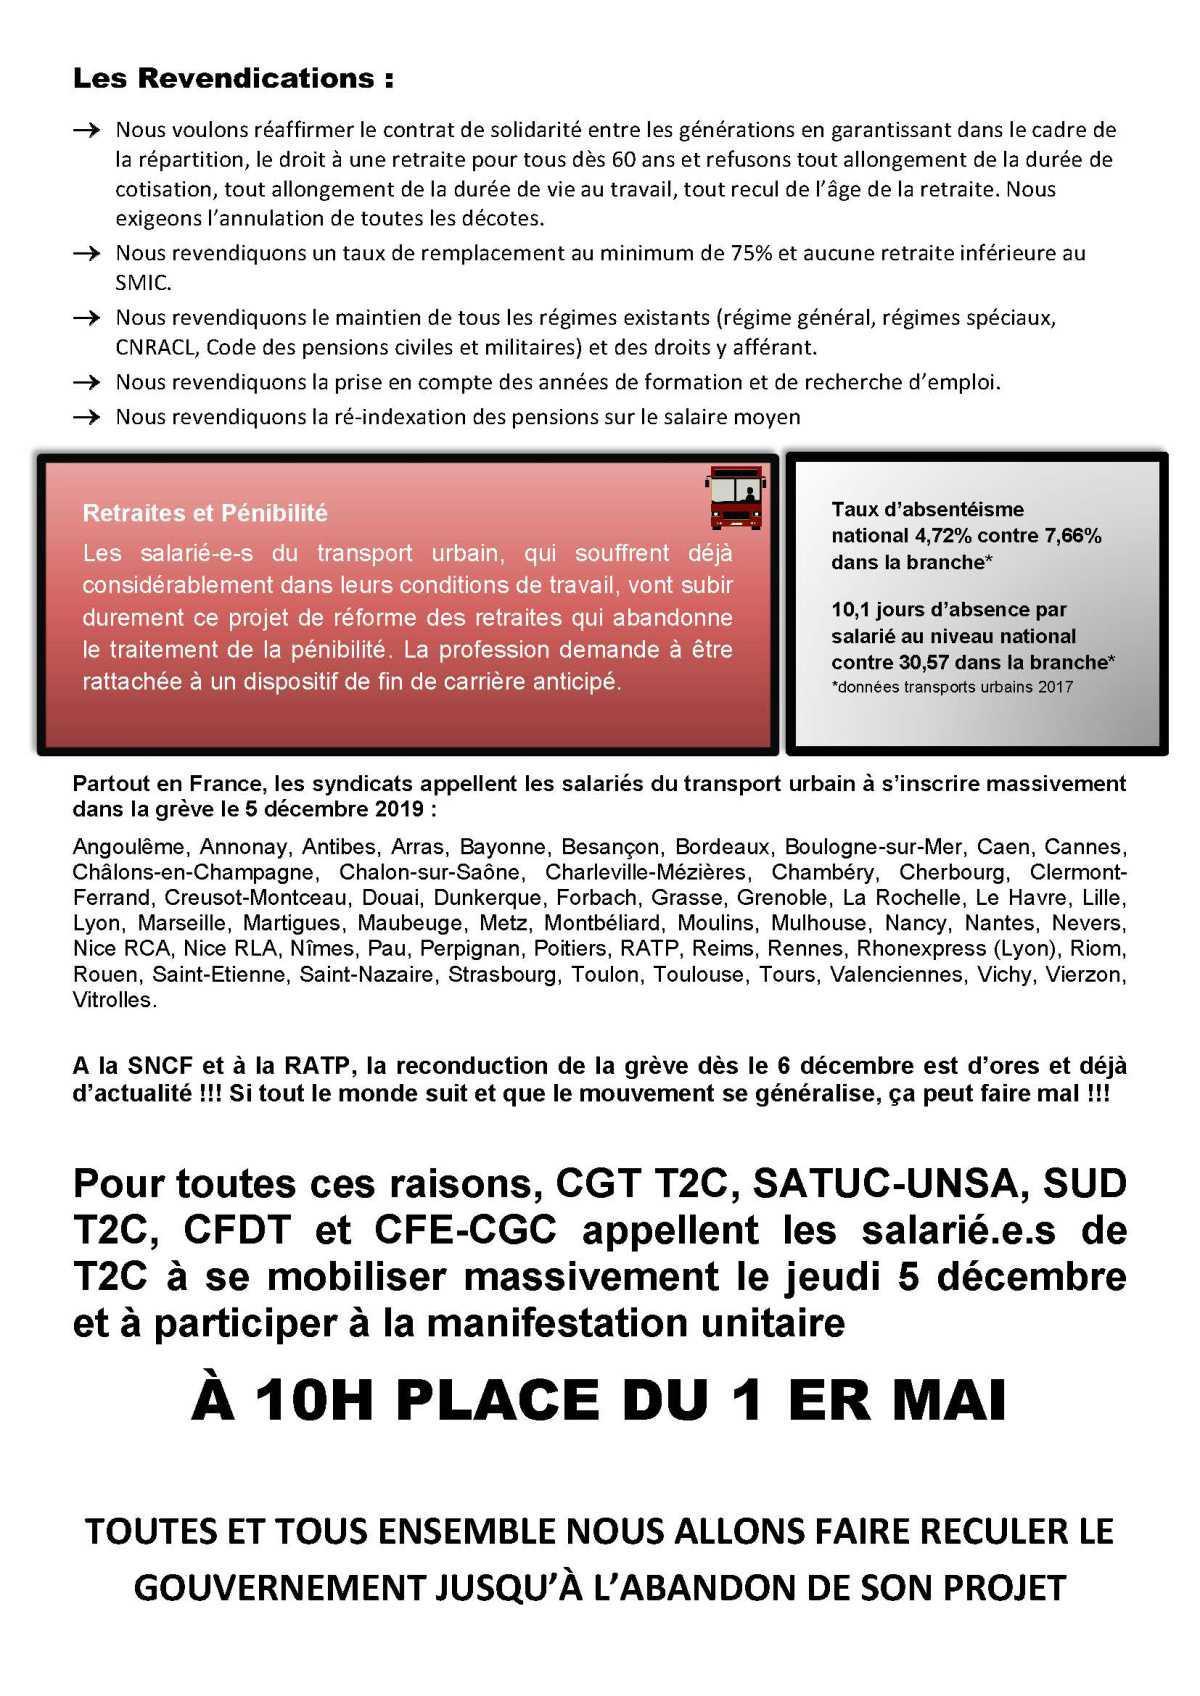 APPEL COMMUN GREVE 5 DEC T2C Clermont Ferrand